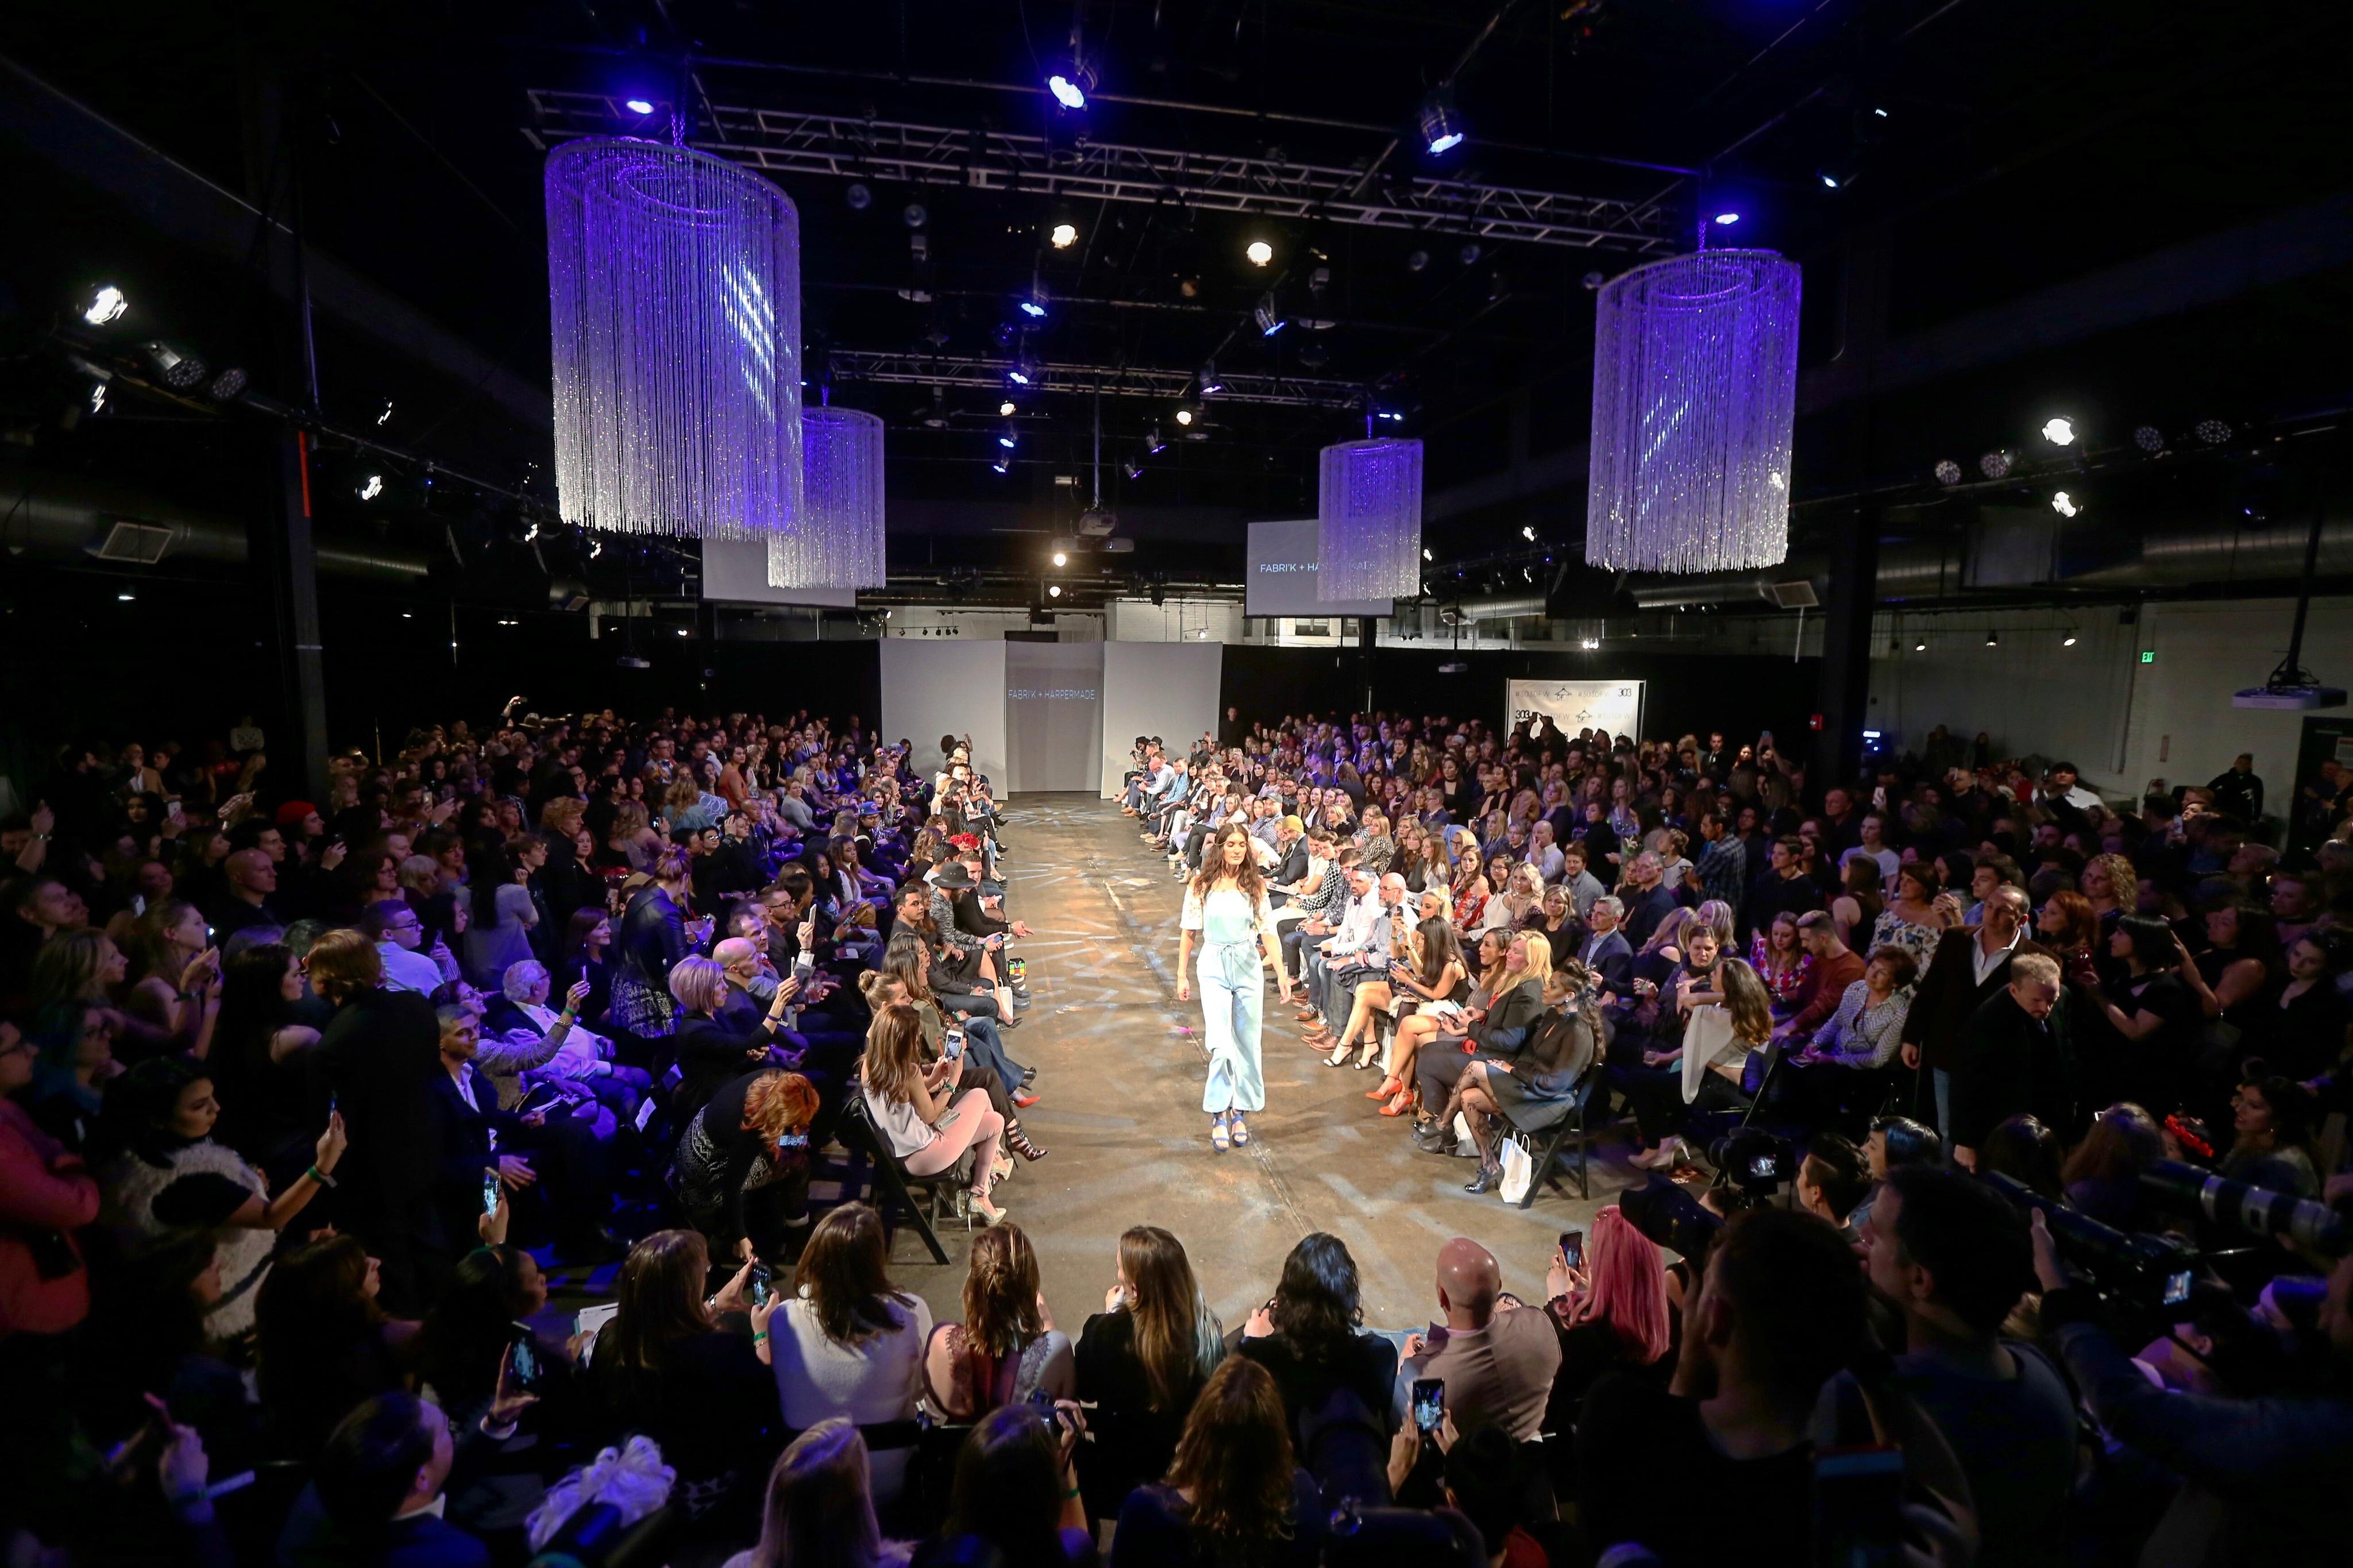 Audi Denver Audi Is Proud To Sponsor The DFW Summer Fashion Show - Audi dfw